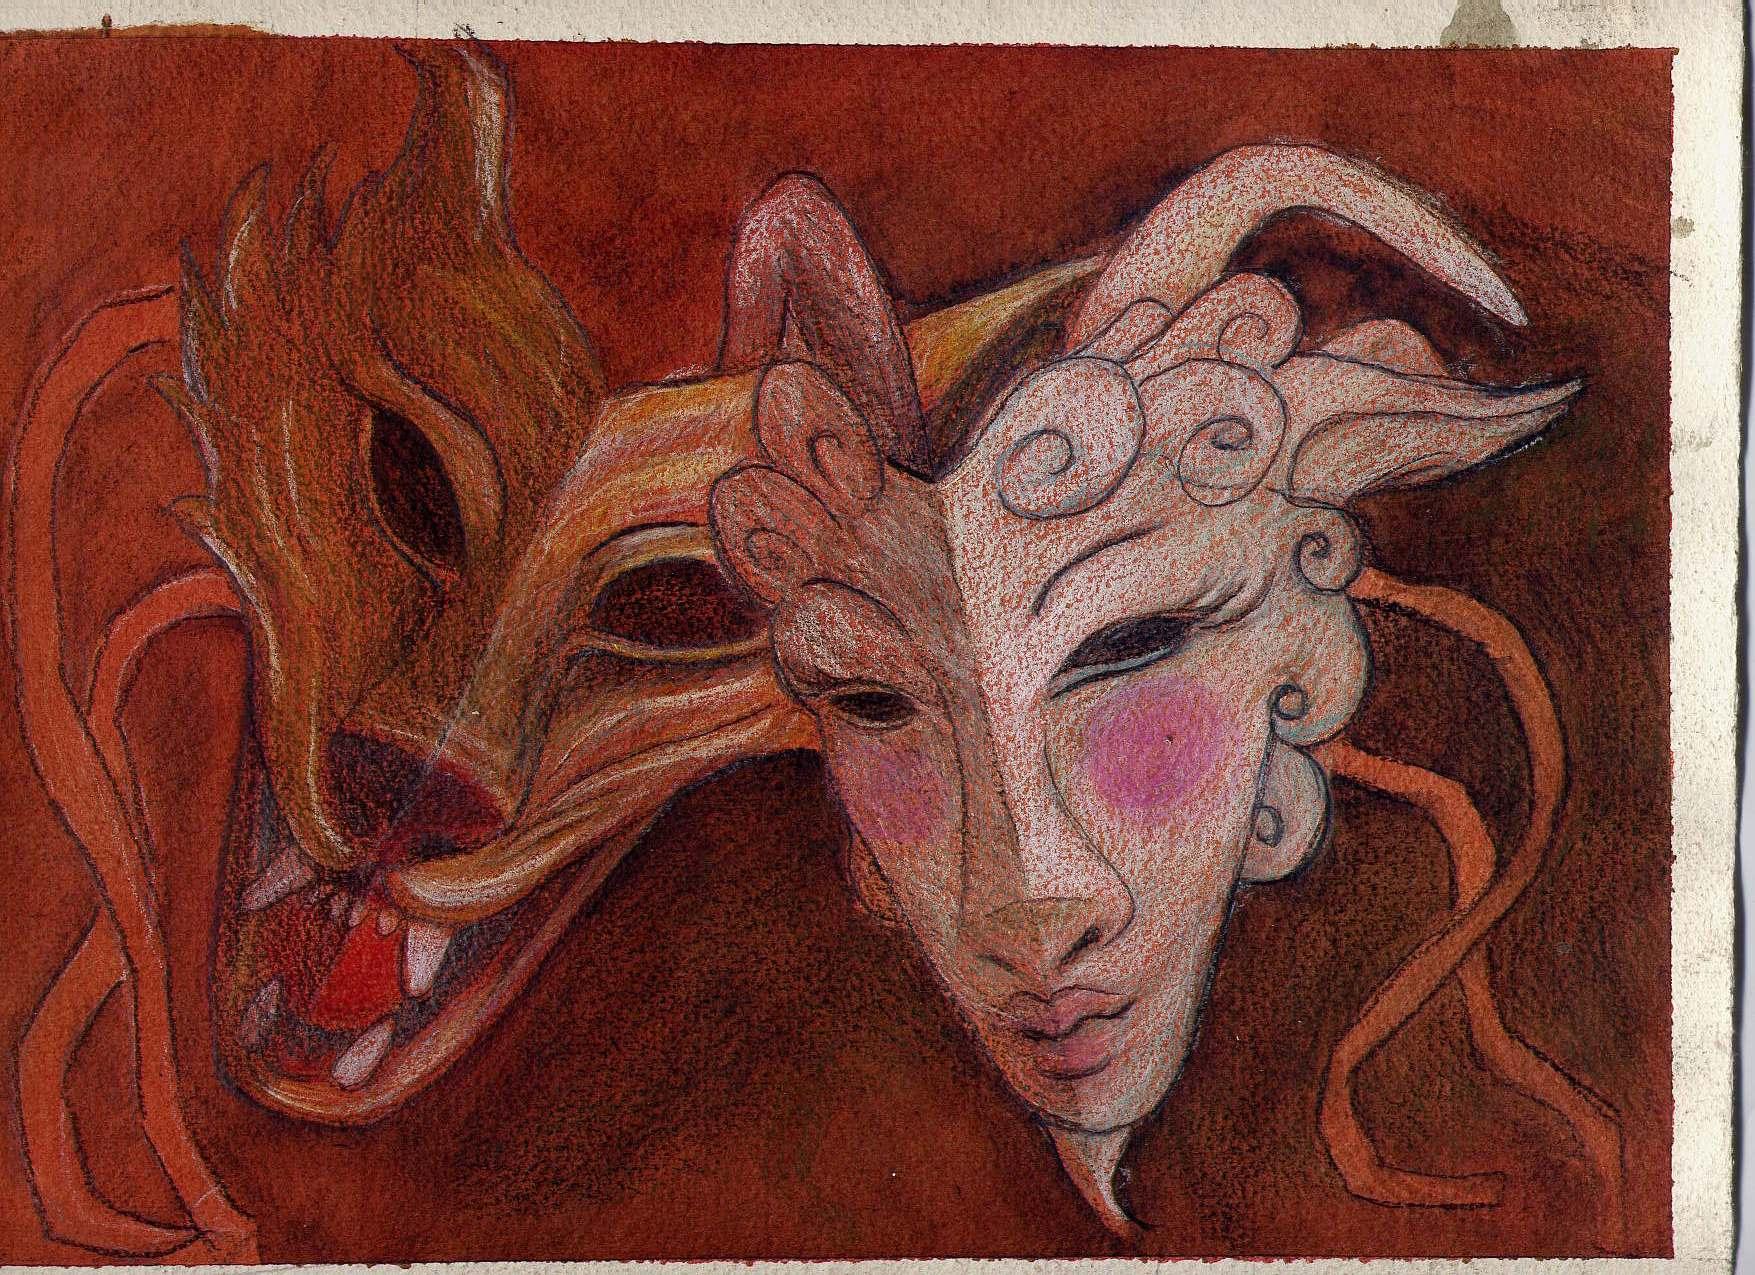 Bozzetto per le maschere di All'opera...Il lupo e i sette capretti